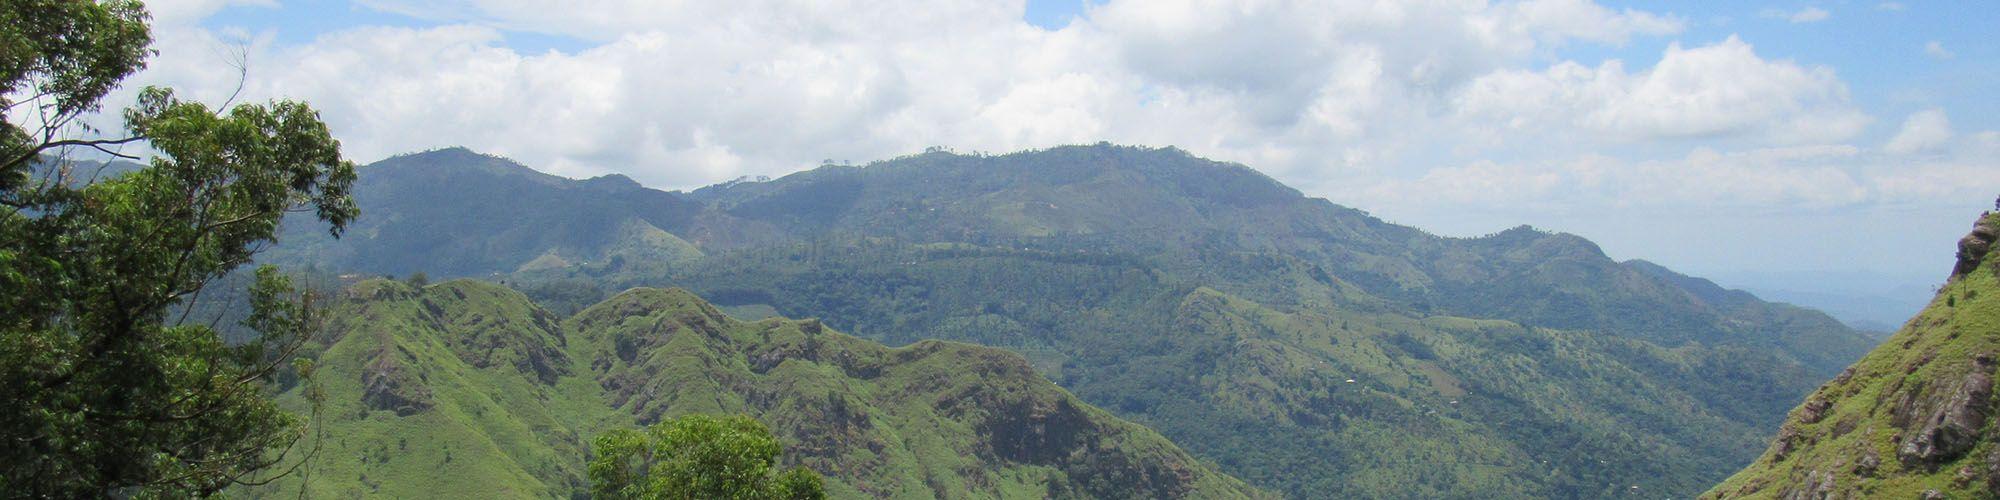 Sri Lanka, Ella Rock, View